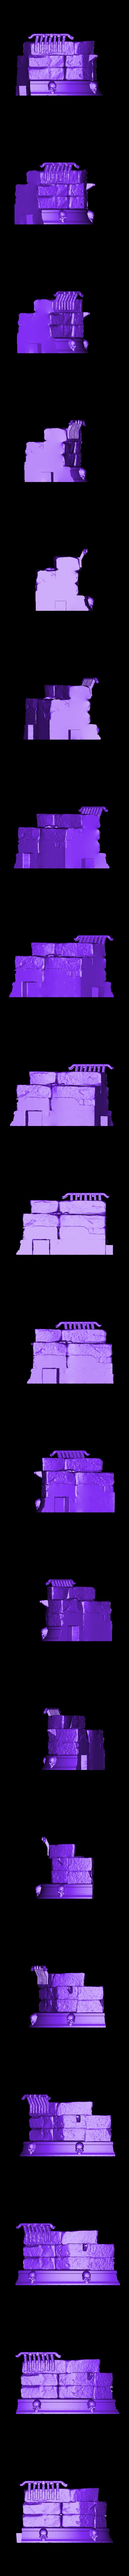 base2.stl Télécharger fichier STL TUEUR À GAGES • Objet à imprimer en 3D, freeclimbingbo